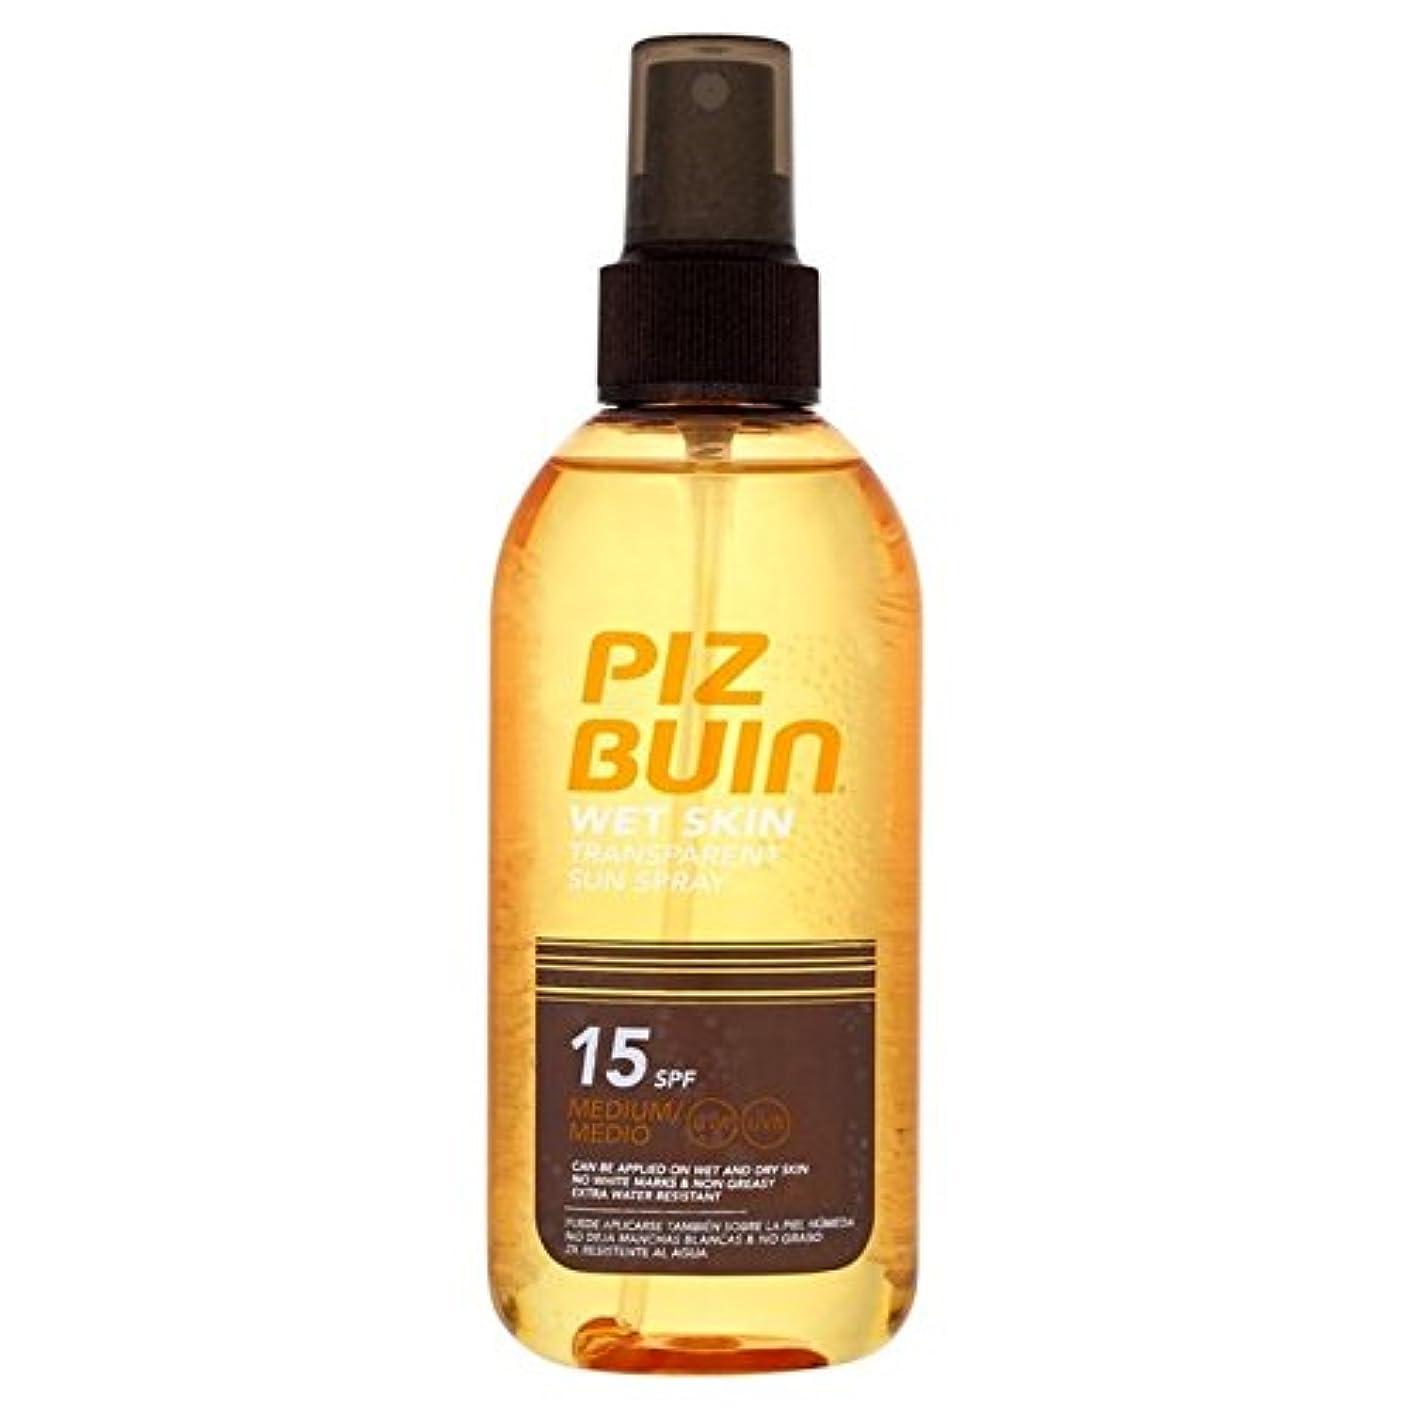 解決北方反対したピッツブーインの湿った透明肌15の150ミリリットル x4 - Piz Buin Wet Transparent Skin SPF15 150ml (Pack of 4) [並行輸入品]